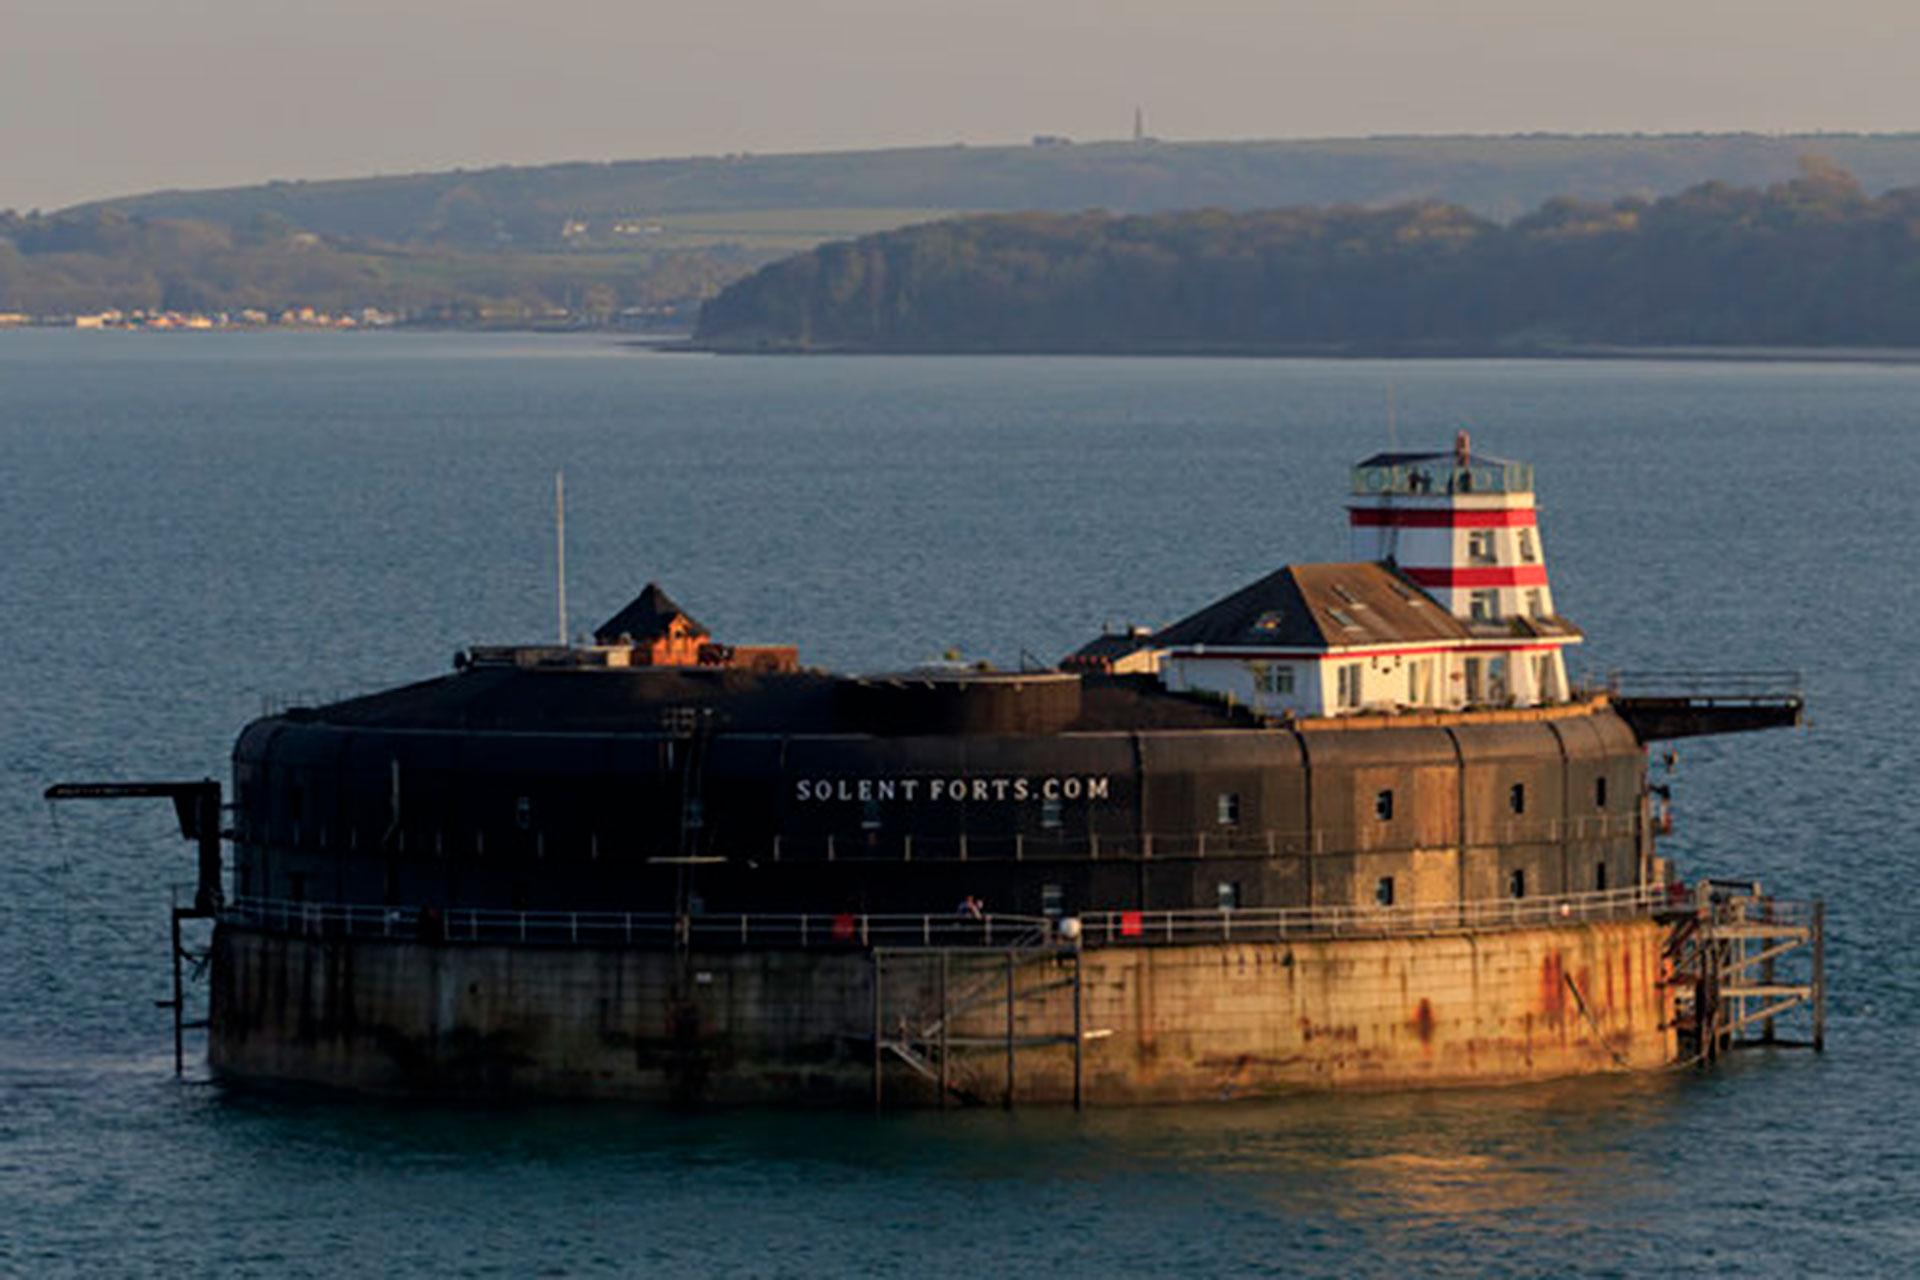 No Man's Fort (Portsmouth, Reino Unido). Era un importante fuerte, construido en el siglo XIX sobre el mar, lo cual le permite a los huéspedes apreciar un paisaje increíble